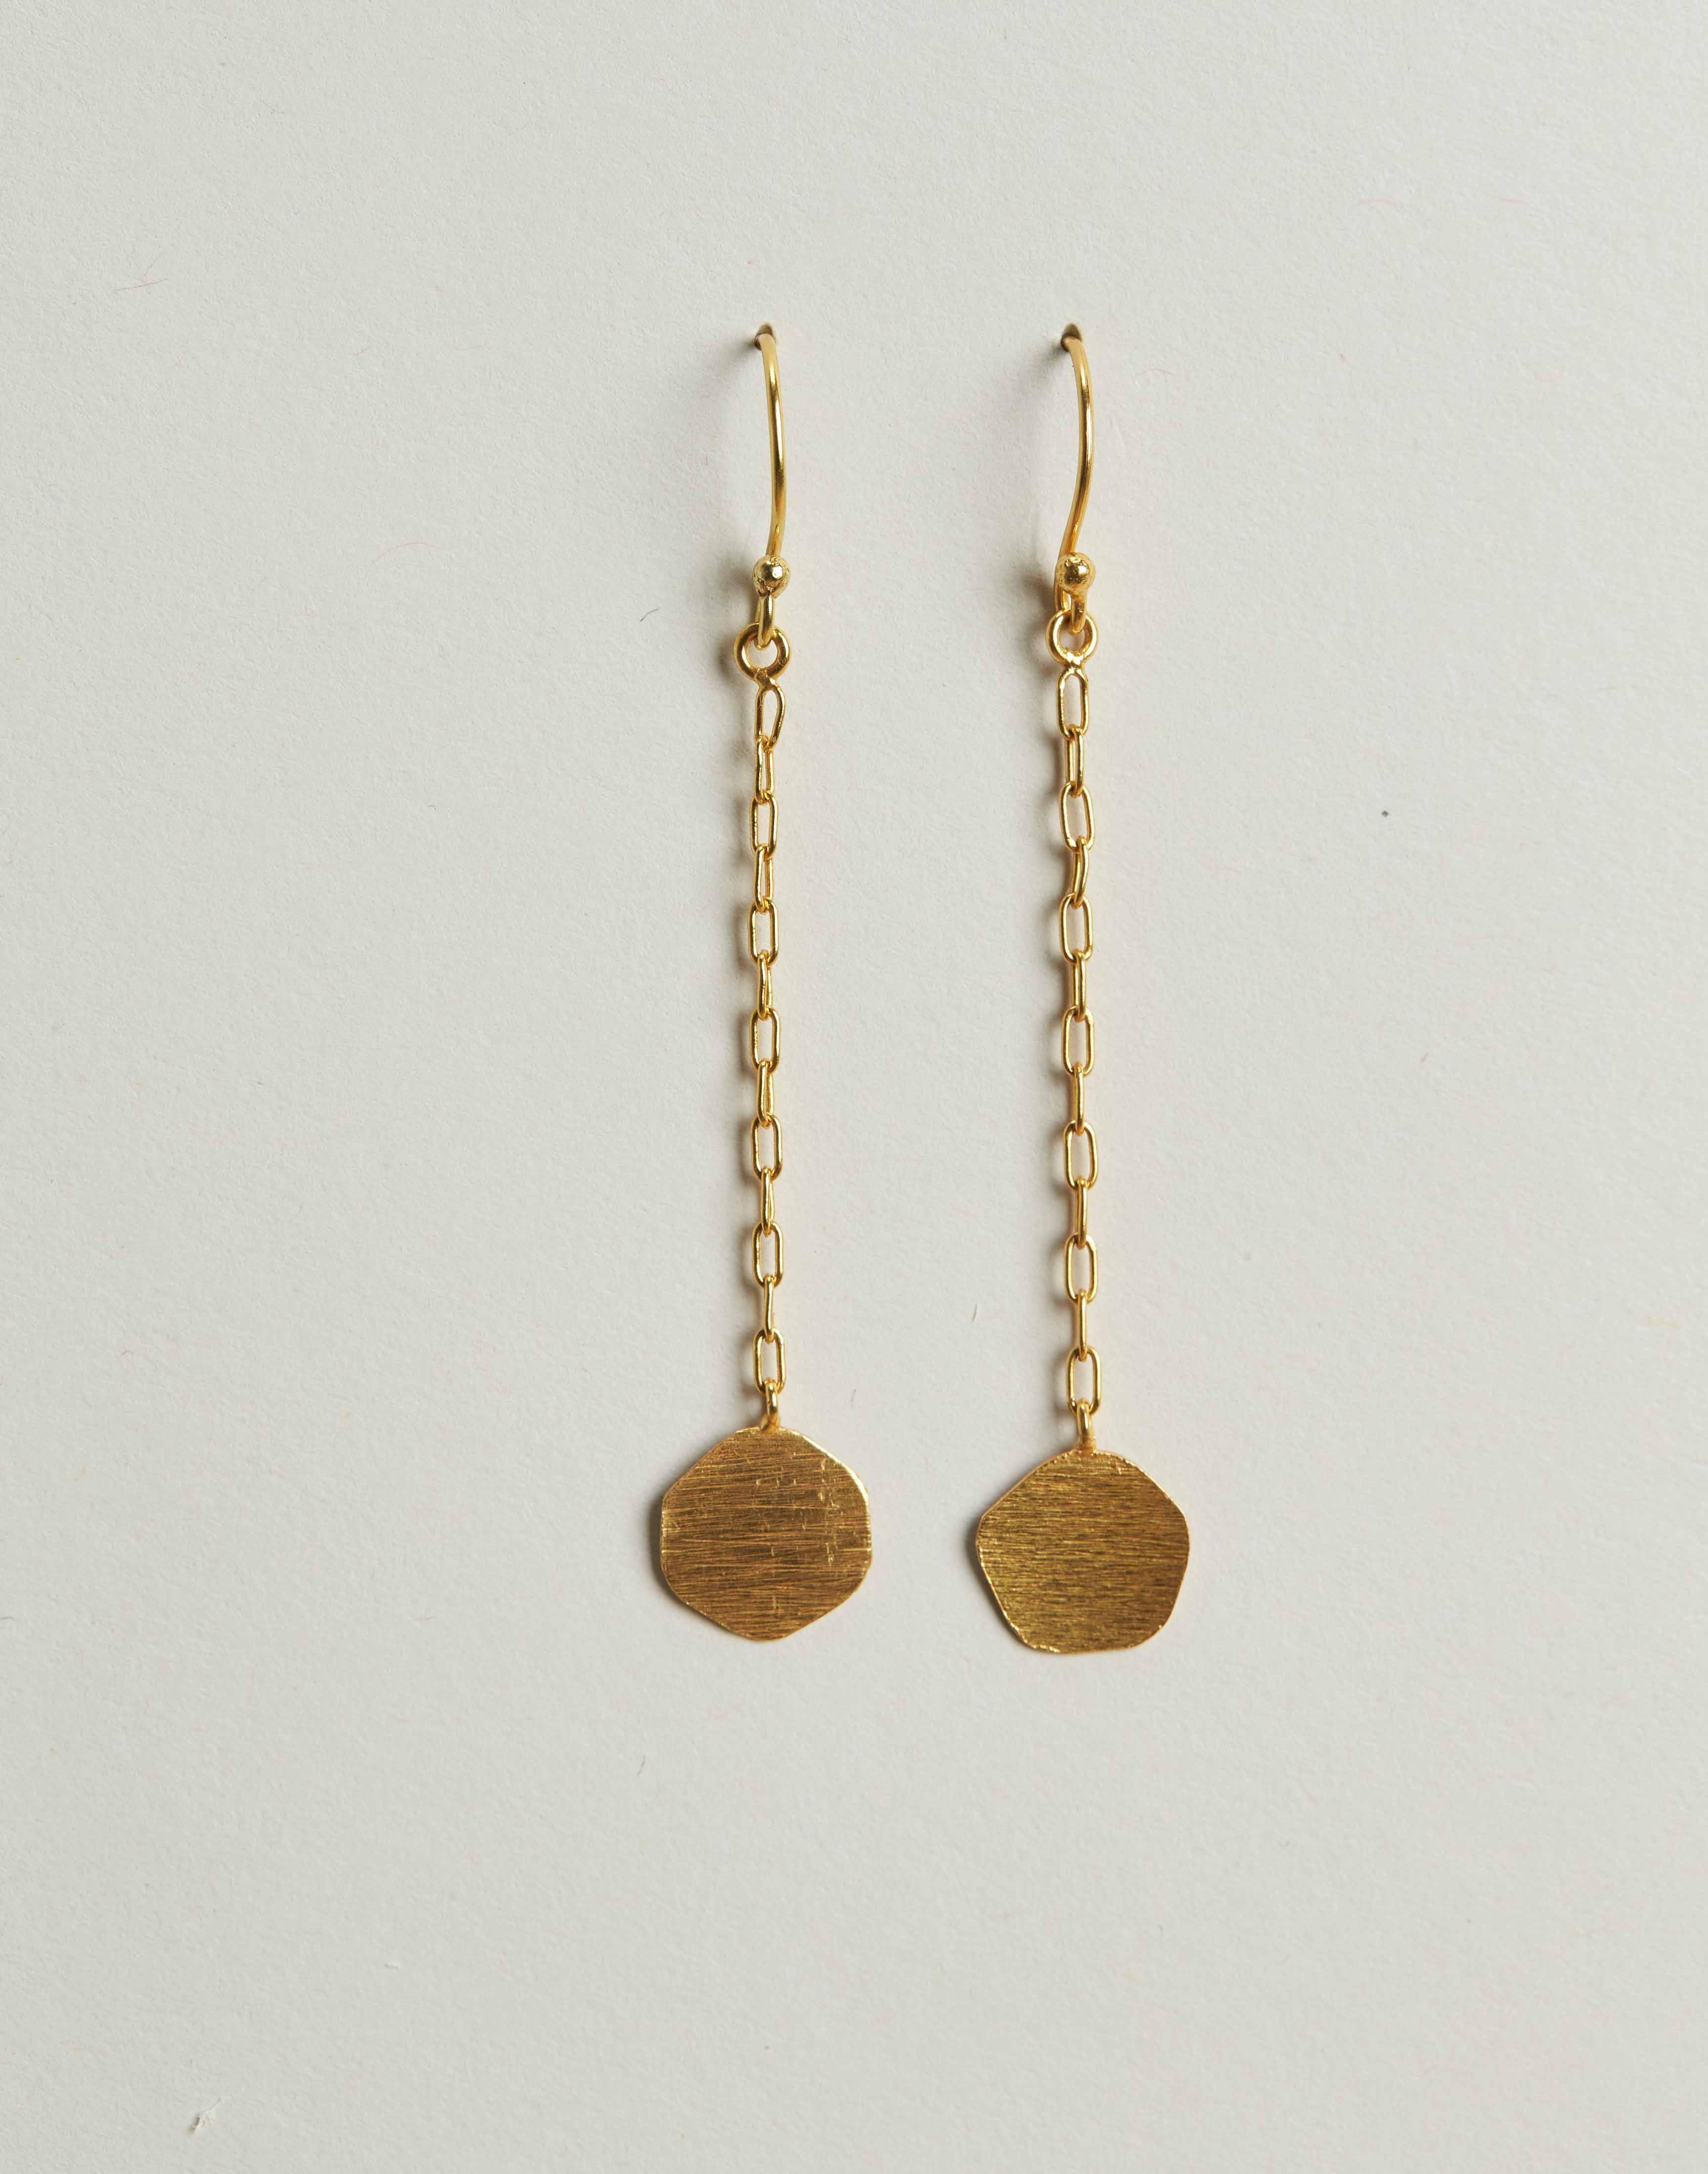 Gilded medal long earring